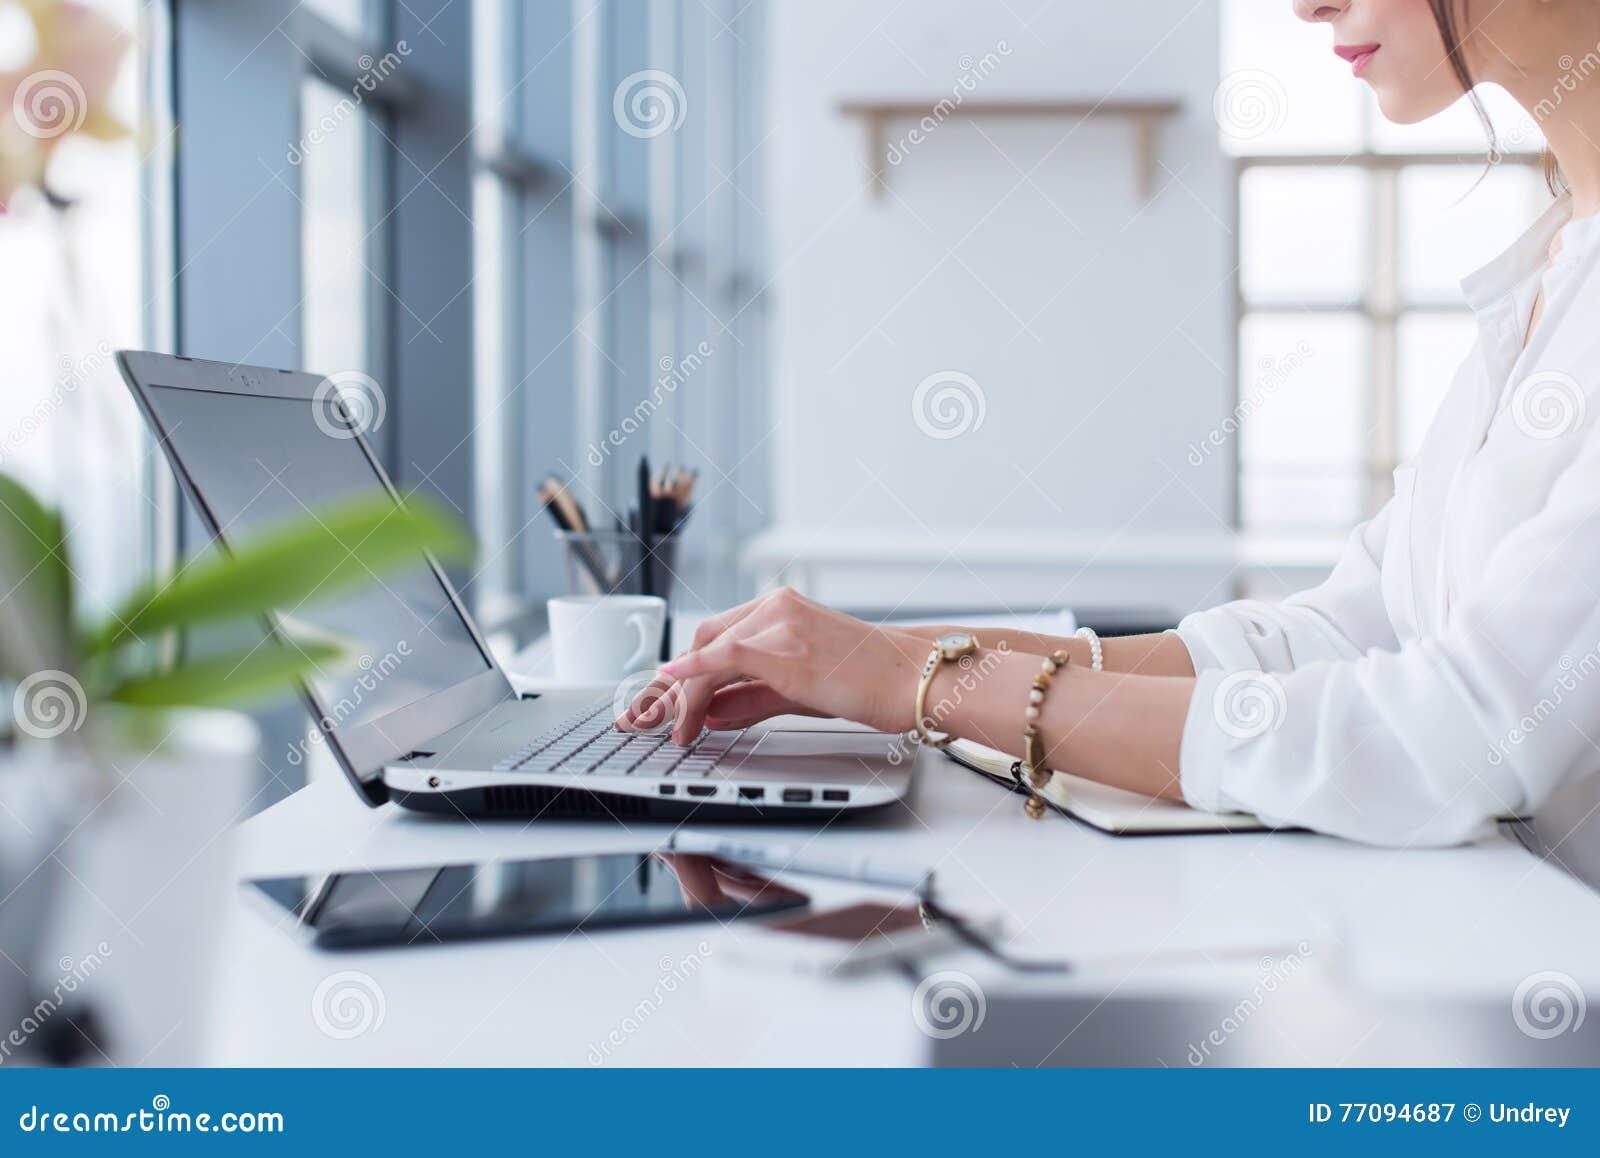 Seitenansichtporträt der Frau arbeitend im Hausbüro als Tele-Arbeiter, Schreiben- und Surfeninternet, Arbeitstag habend